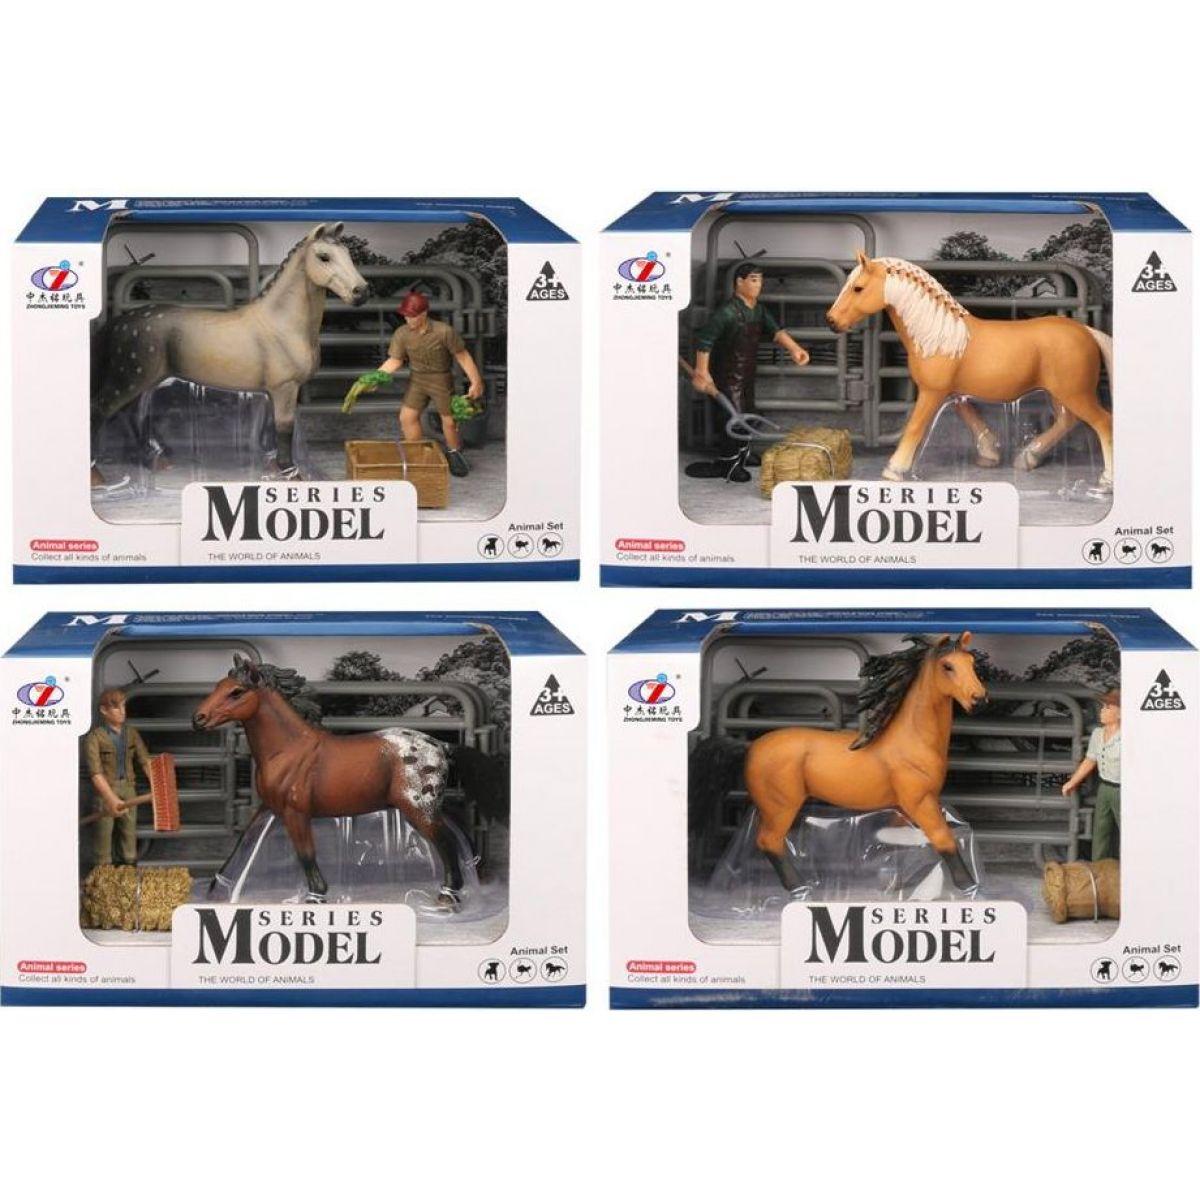 Series Model Svet zvierat sada 2, kôň s figúrkou